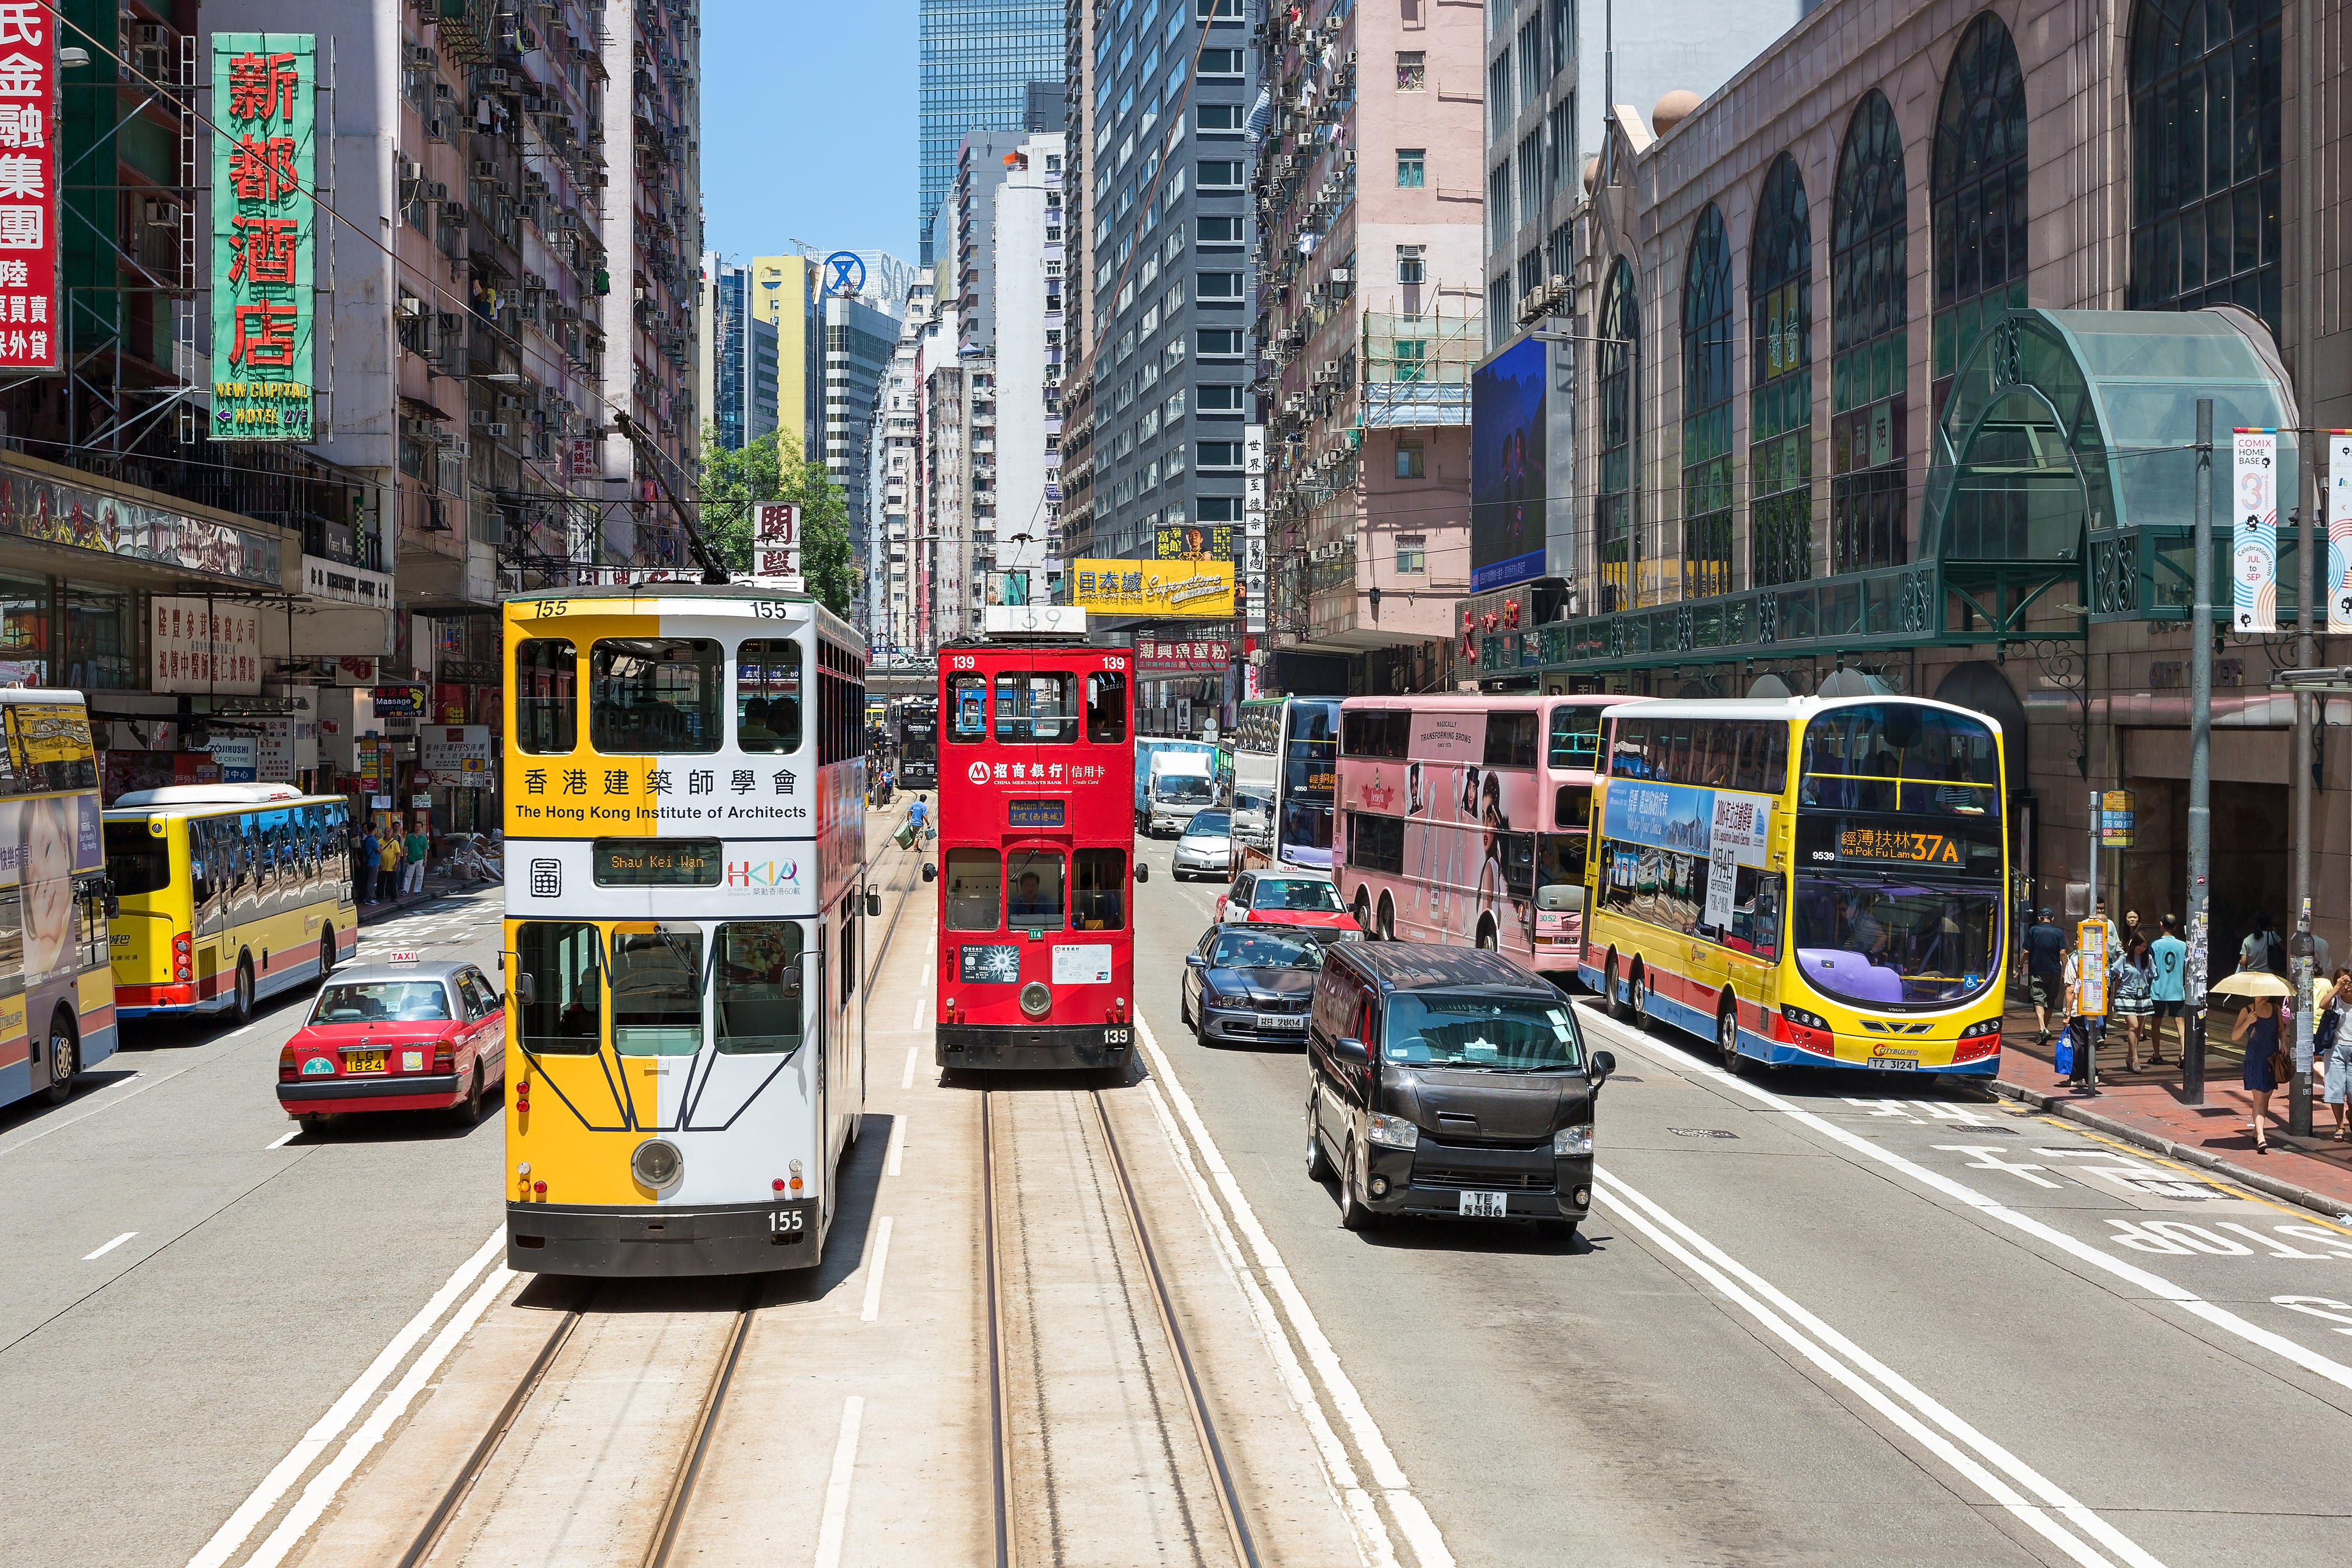 <p>Най-скъпата търговска улица в света за поредна година е Causeway Bay в Хонконг с месечен наем равен на 2164 евро/кв. м.</p>